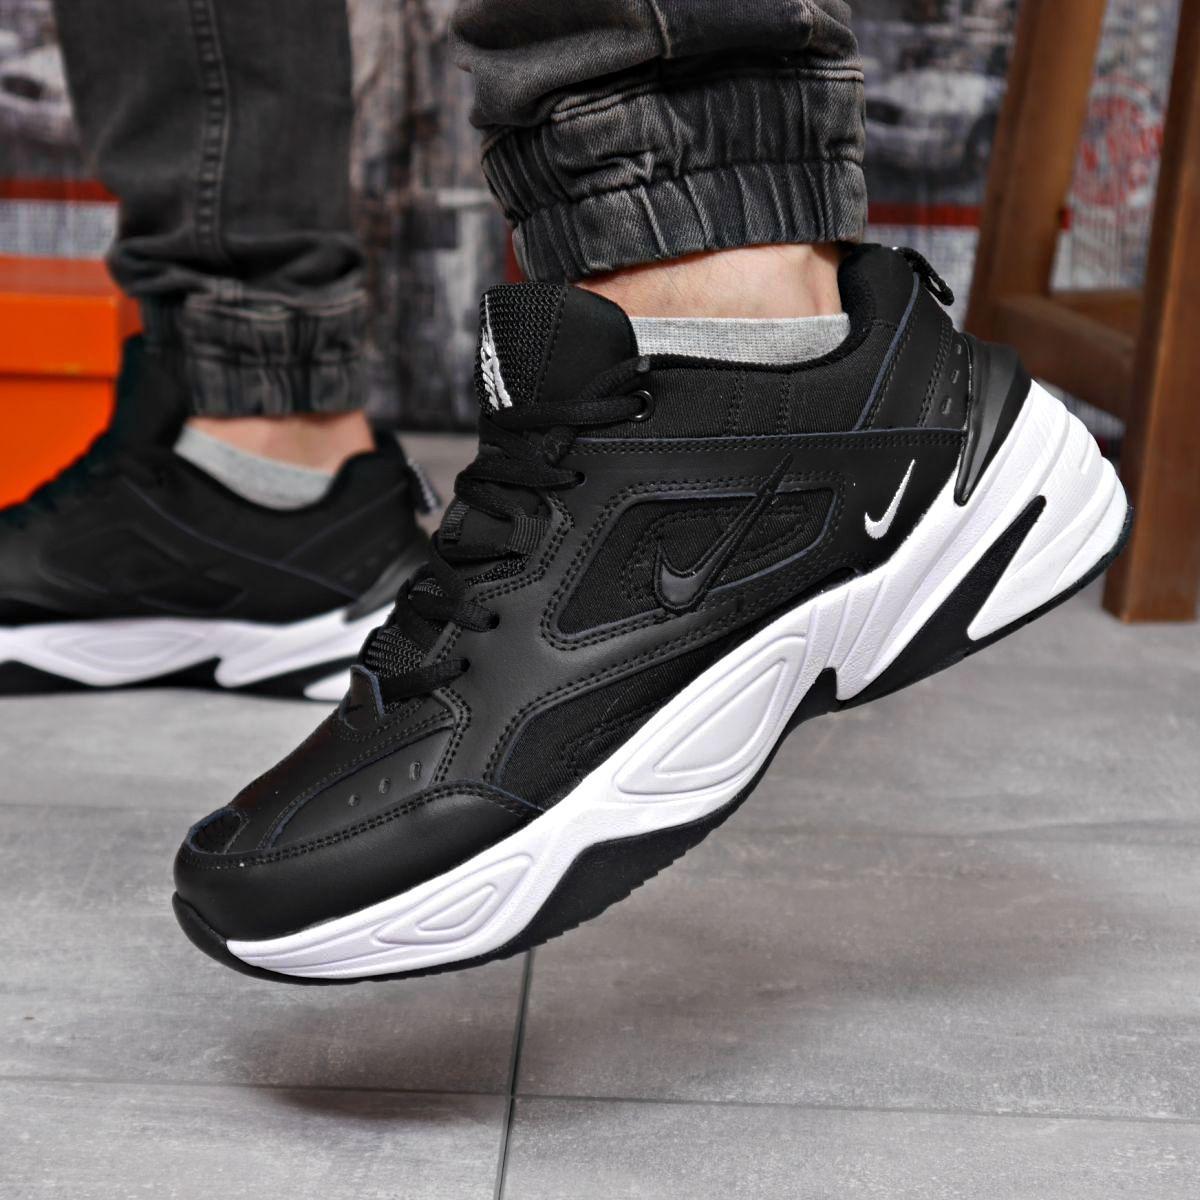 Кроссовки мужские 18203 ► Nike M2K Tekno, черные  (качество AAA). [Размеры в наличии: 44]